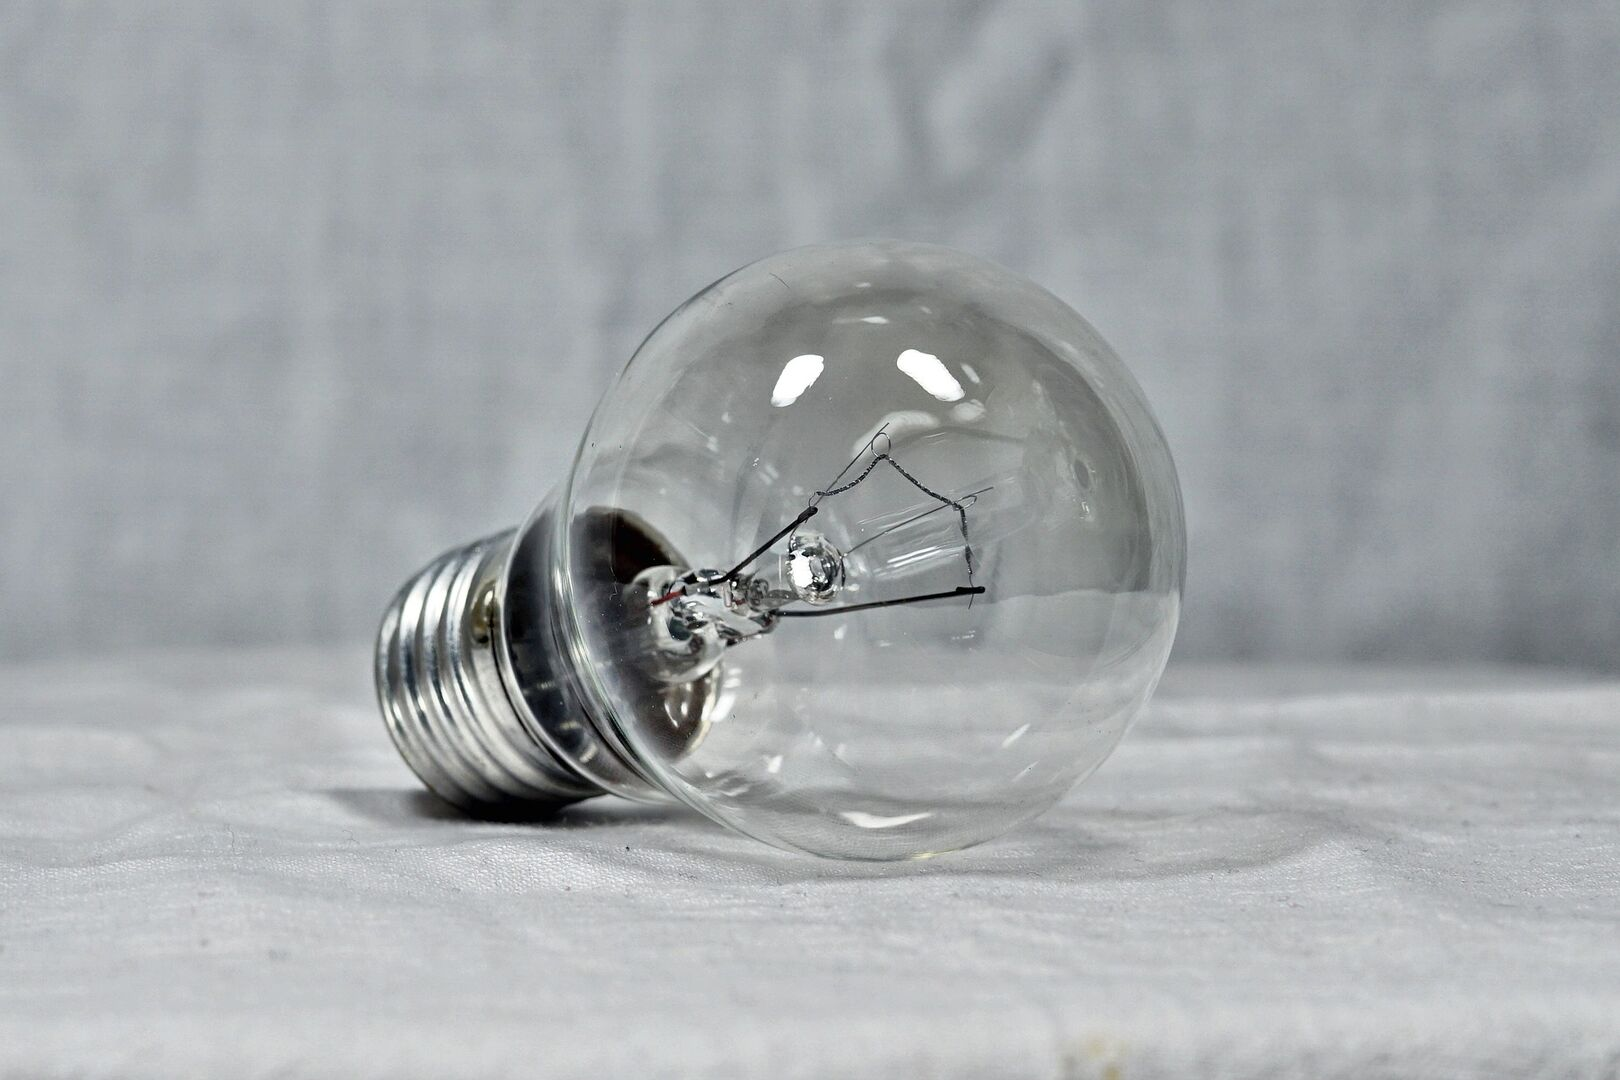 El Gobierno Prohibirá Cortar La Luz Durante Cuatro Meses Tras El